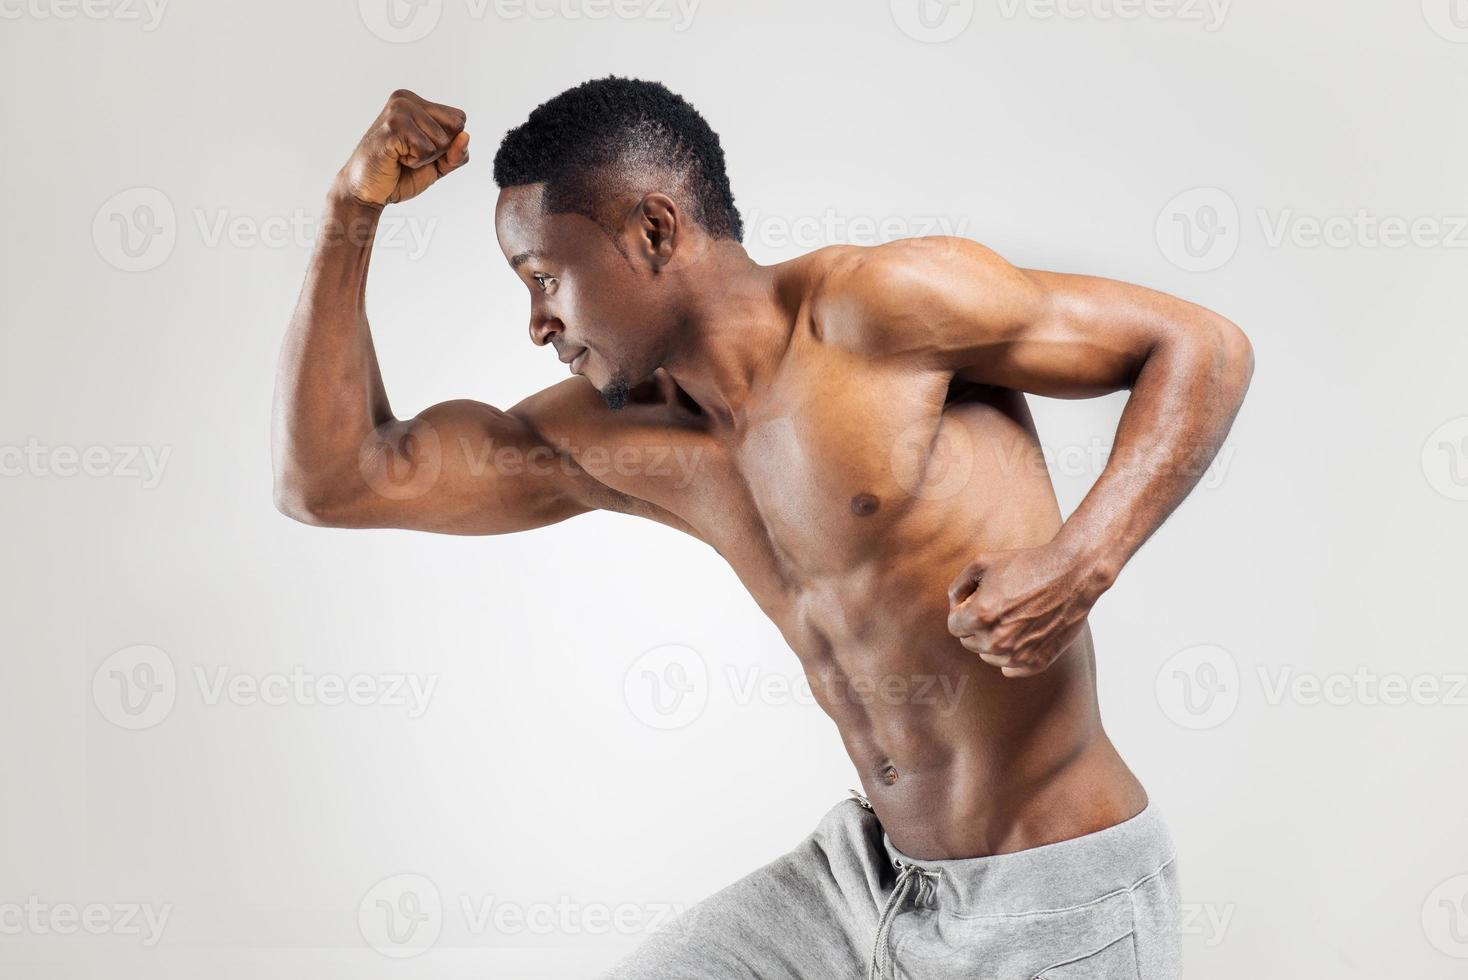 atletische Afro-Amerikaanse man shirtless foto